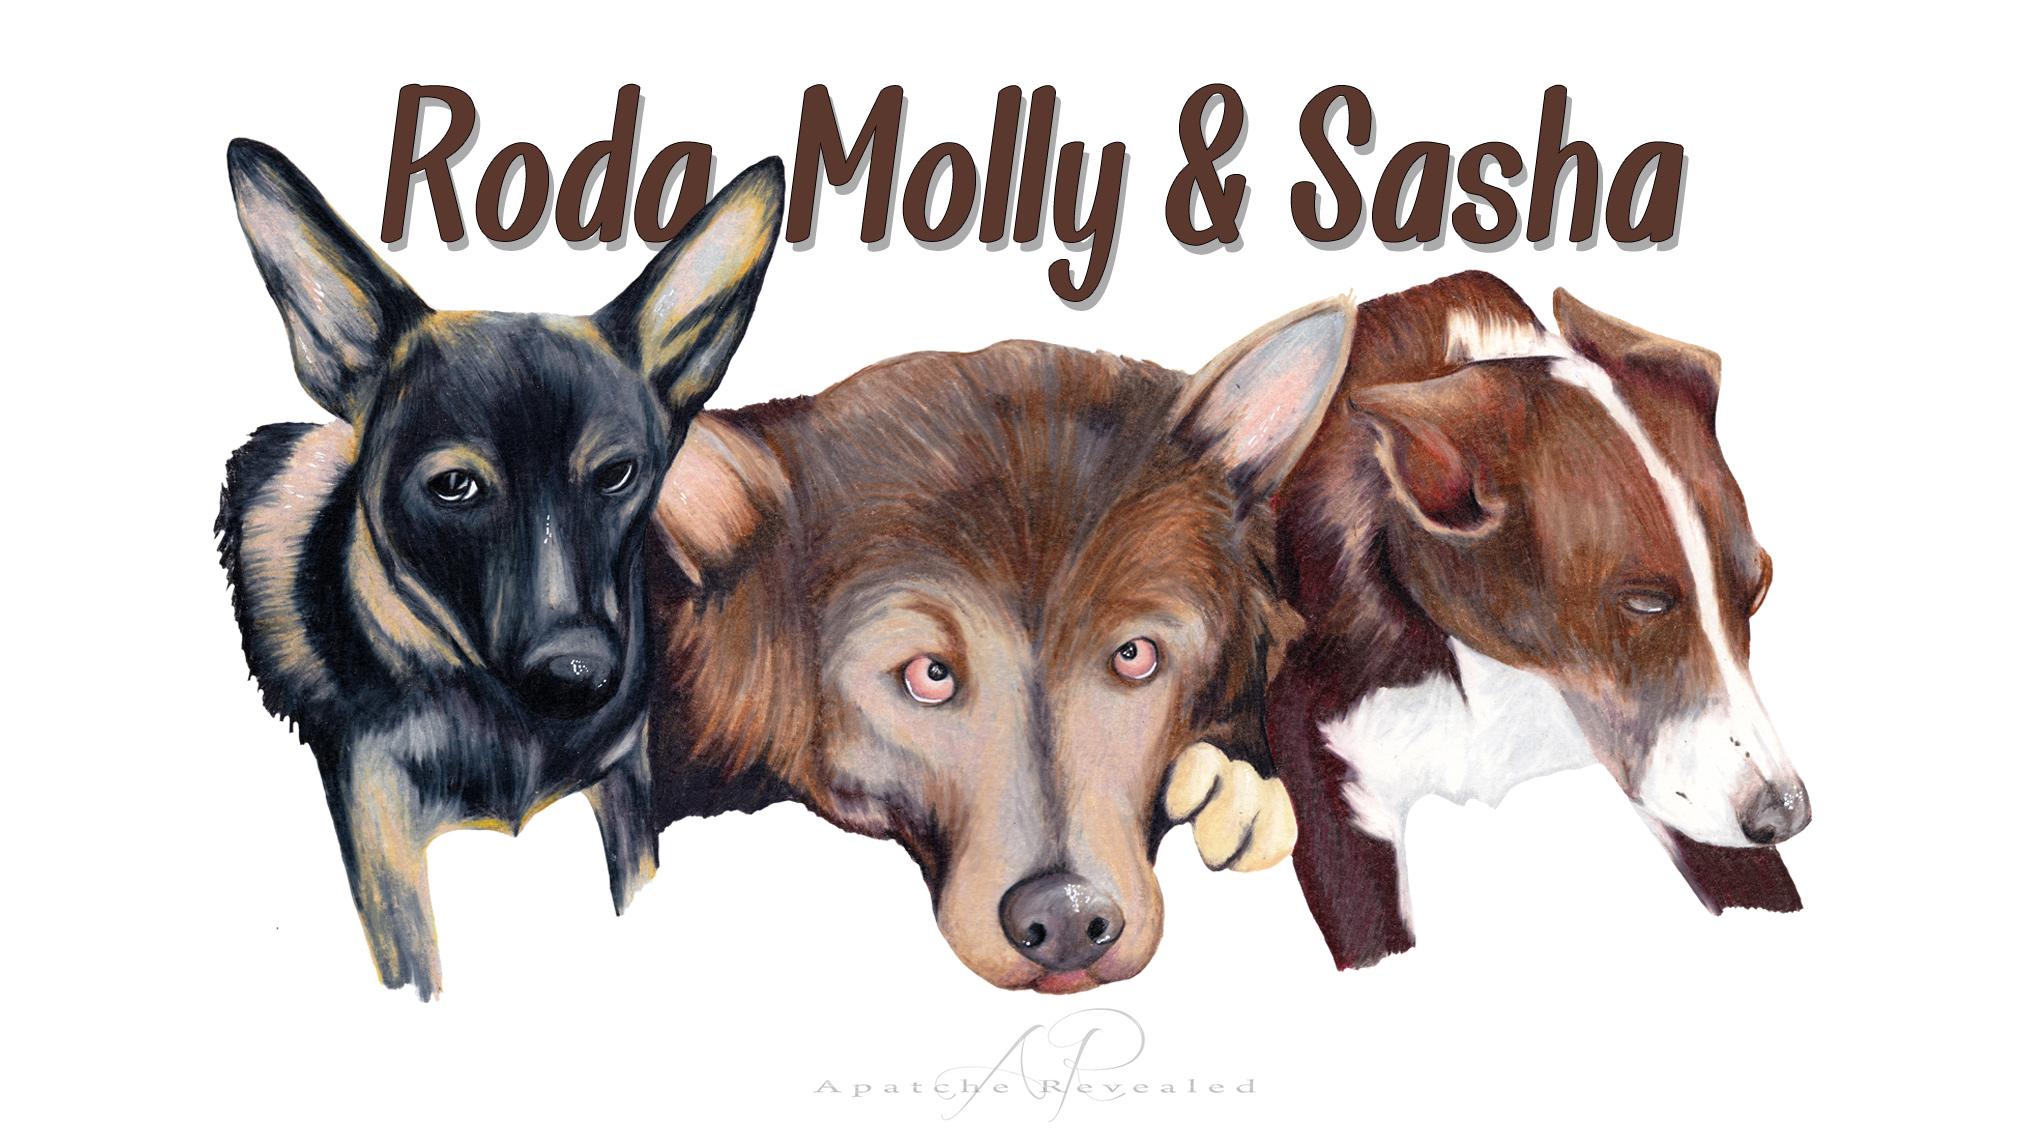 Roda, Molly & Sasha